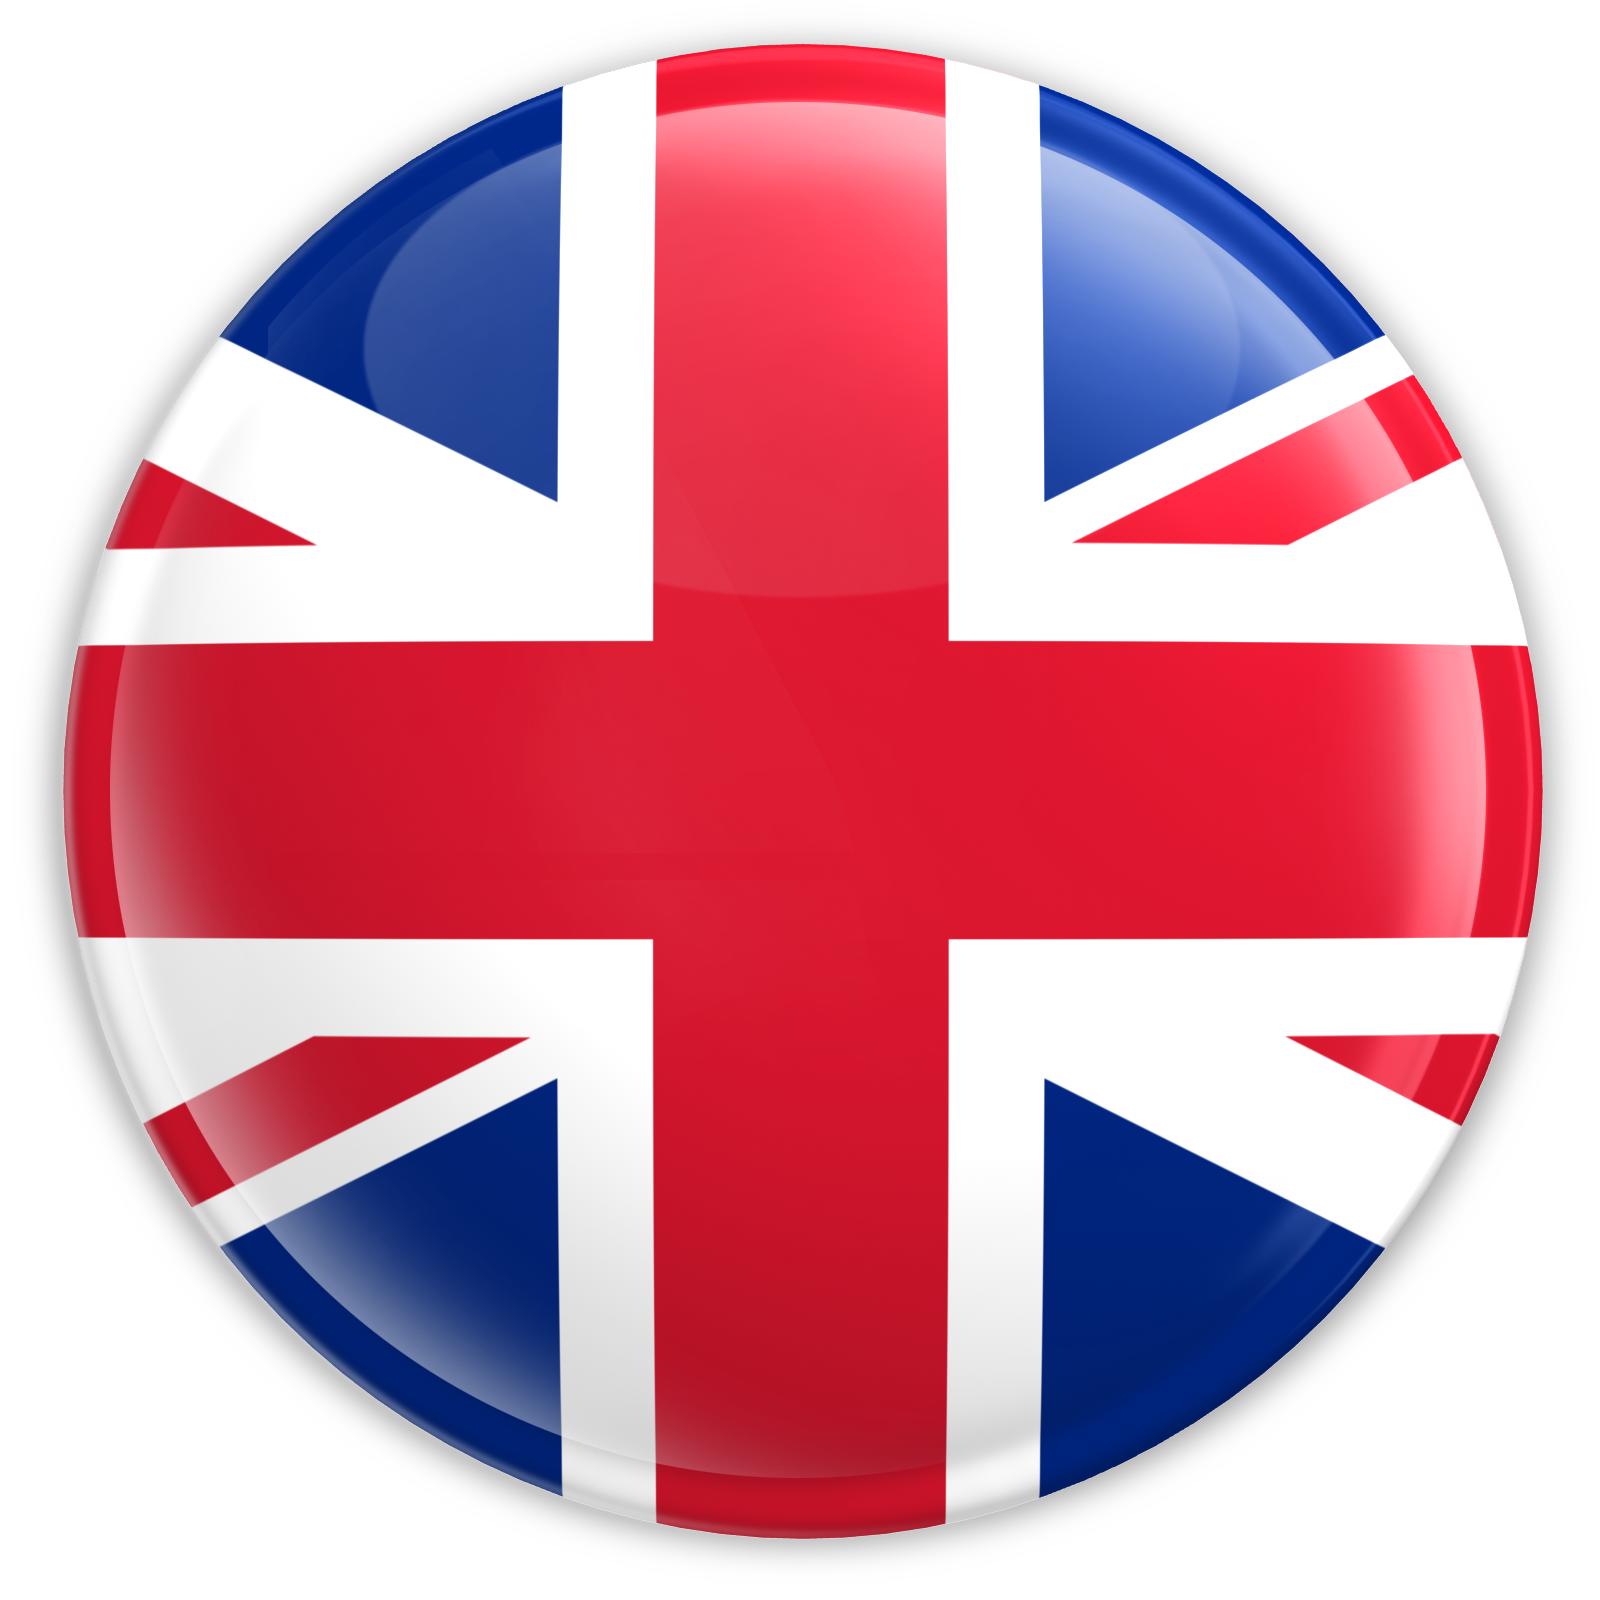 clases de inglés avanzado - flag